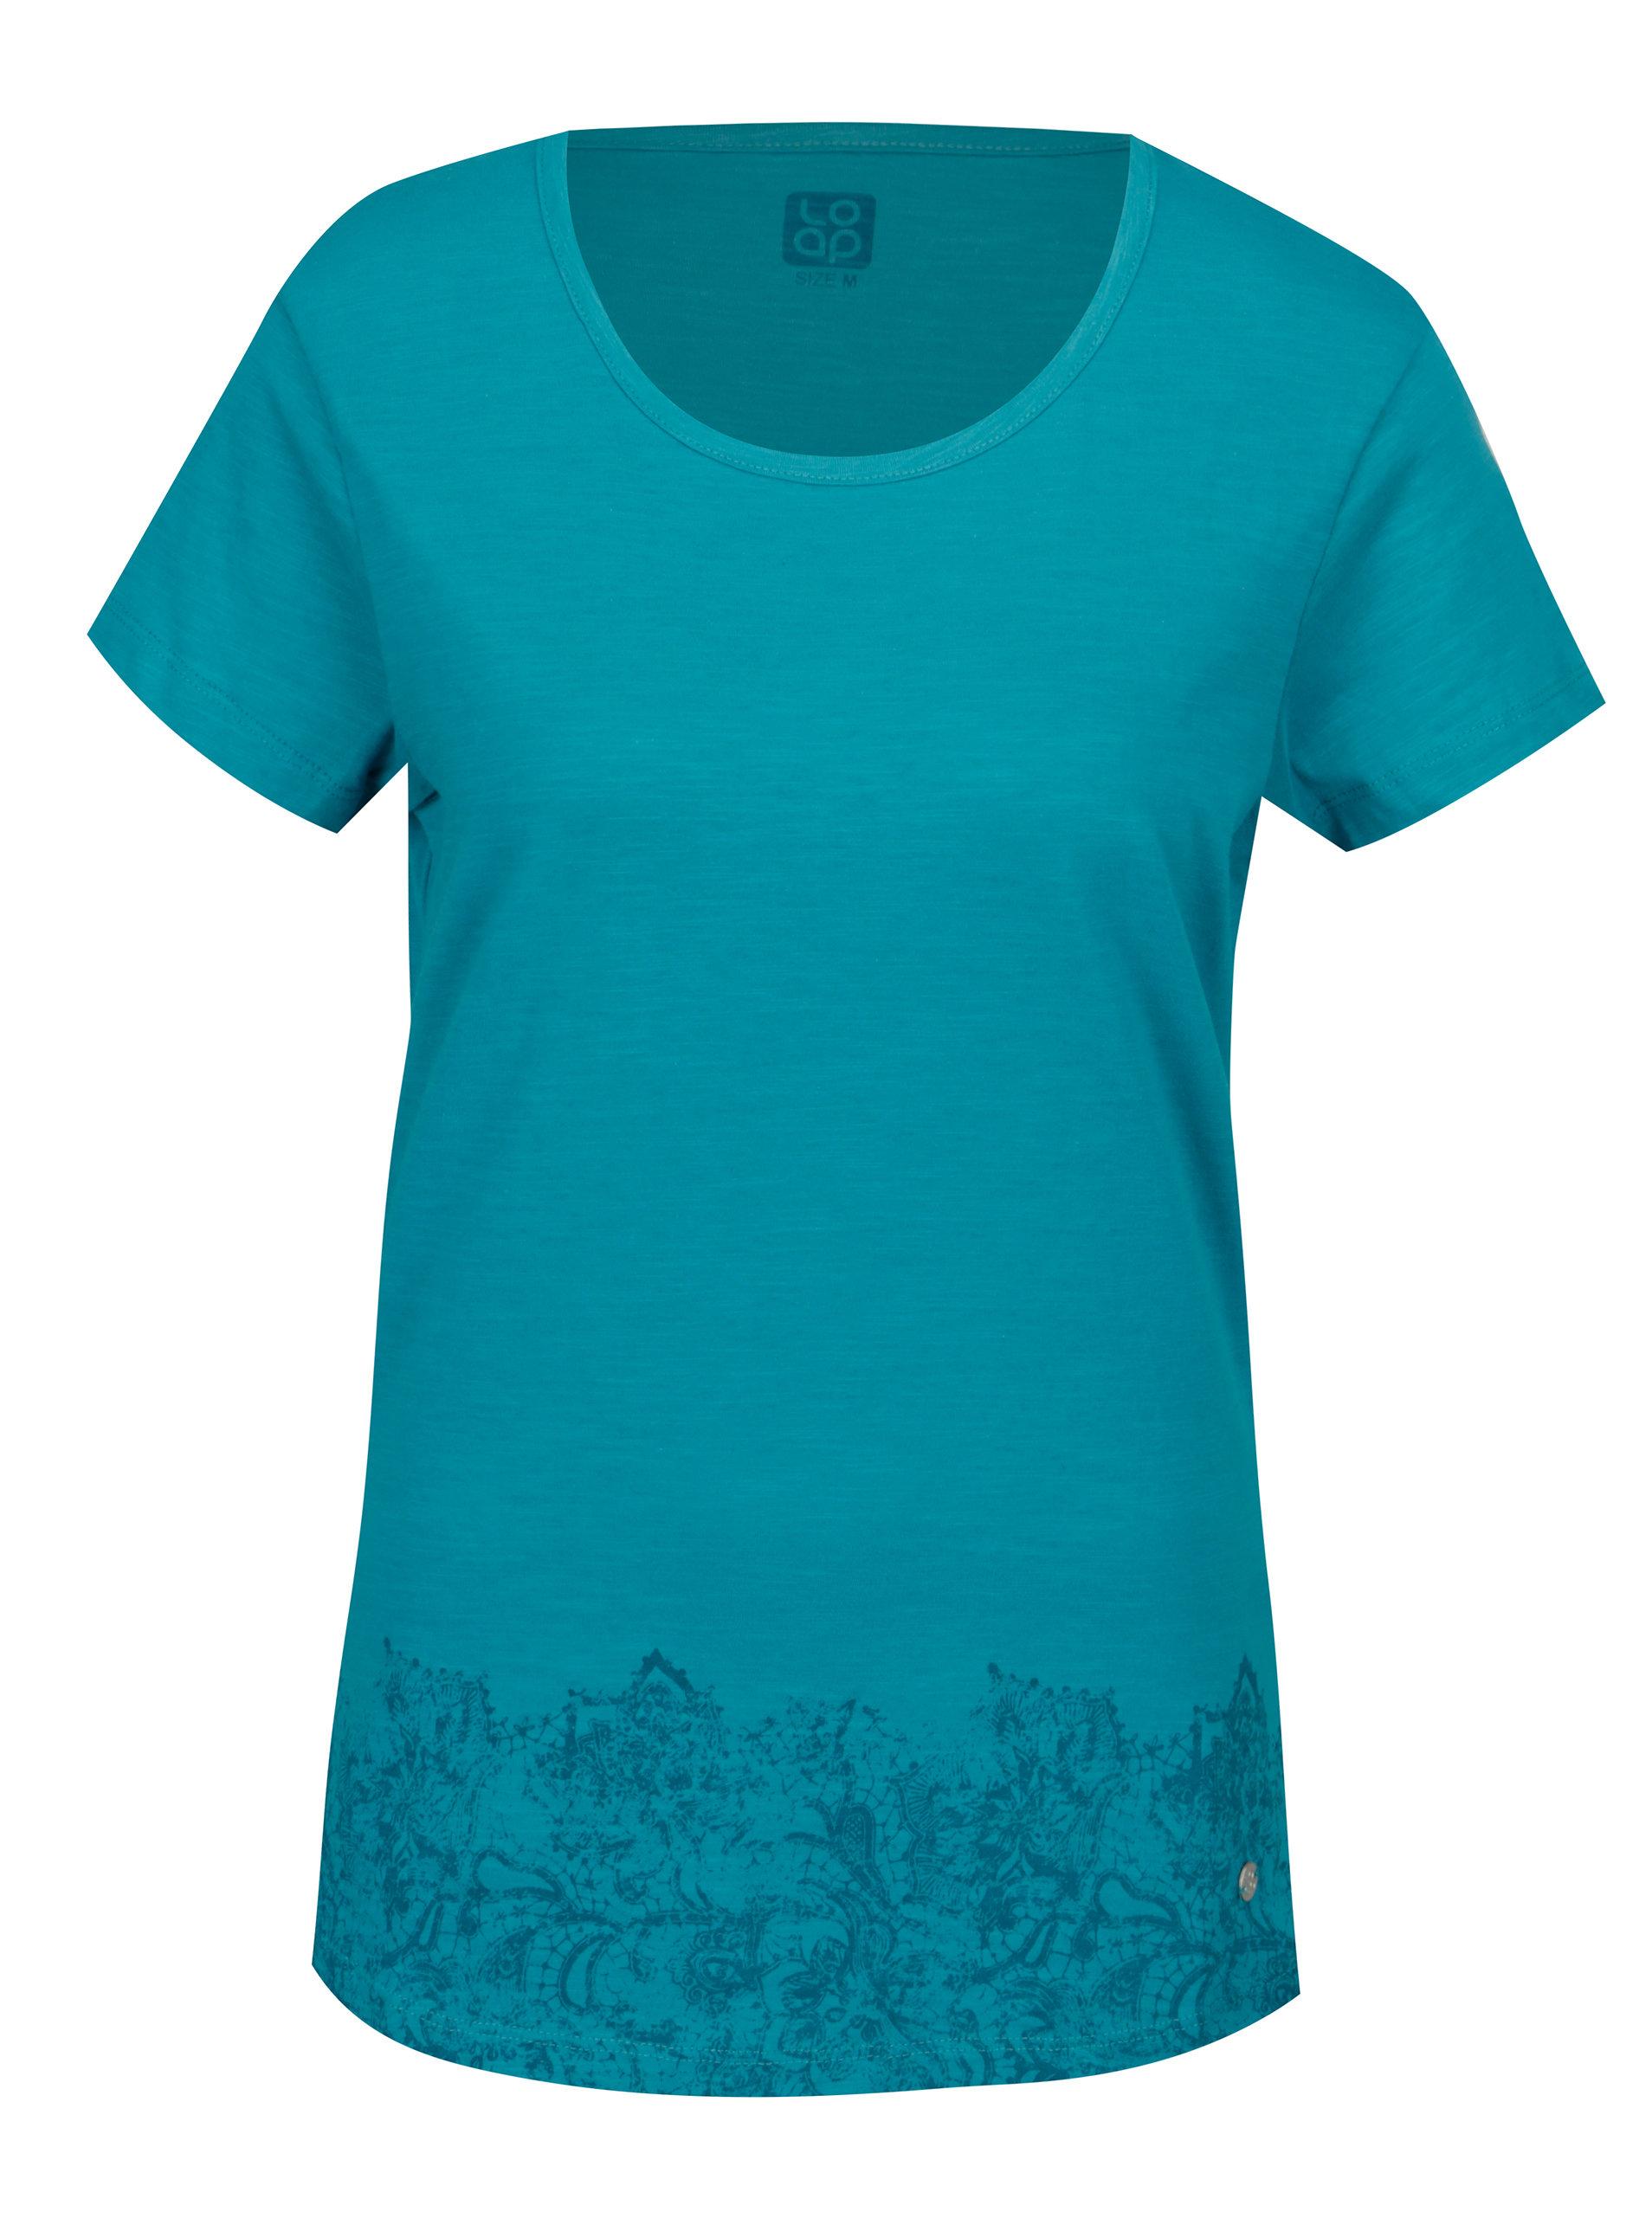 ef7550018ac7 Tyrkysové dámske tričko s okrúhlym výstrihom a potlačou LOAP Balisey ...